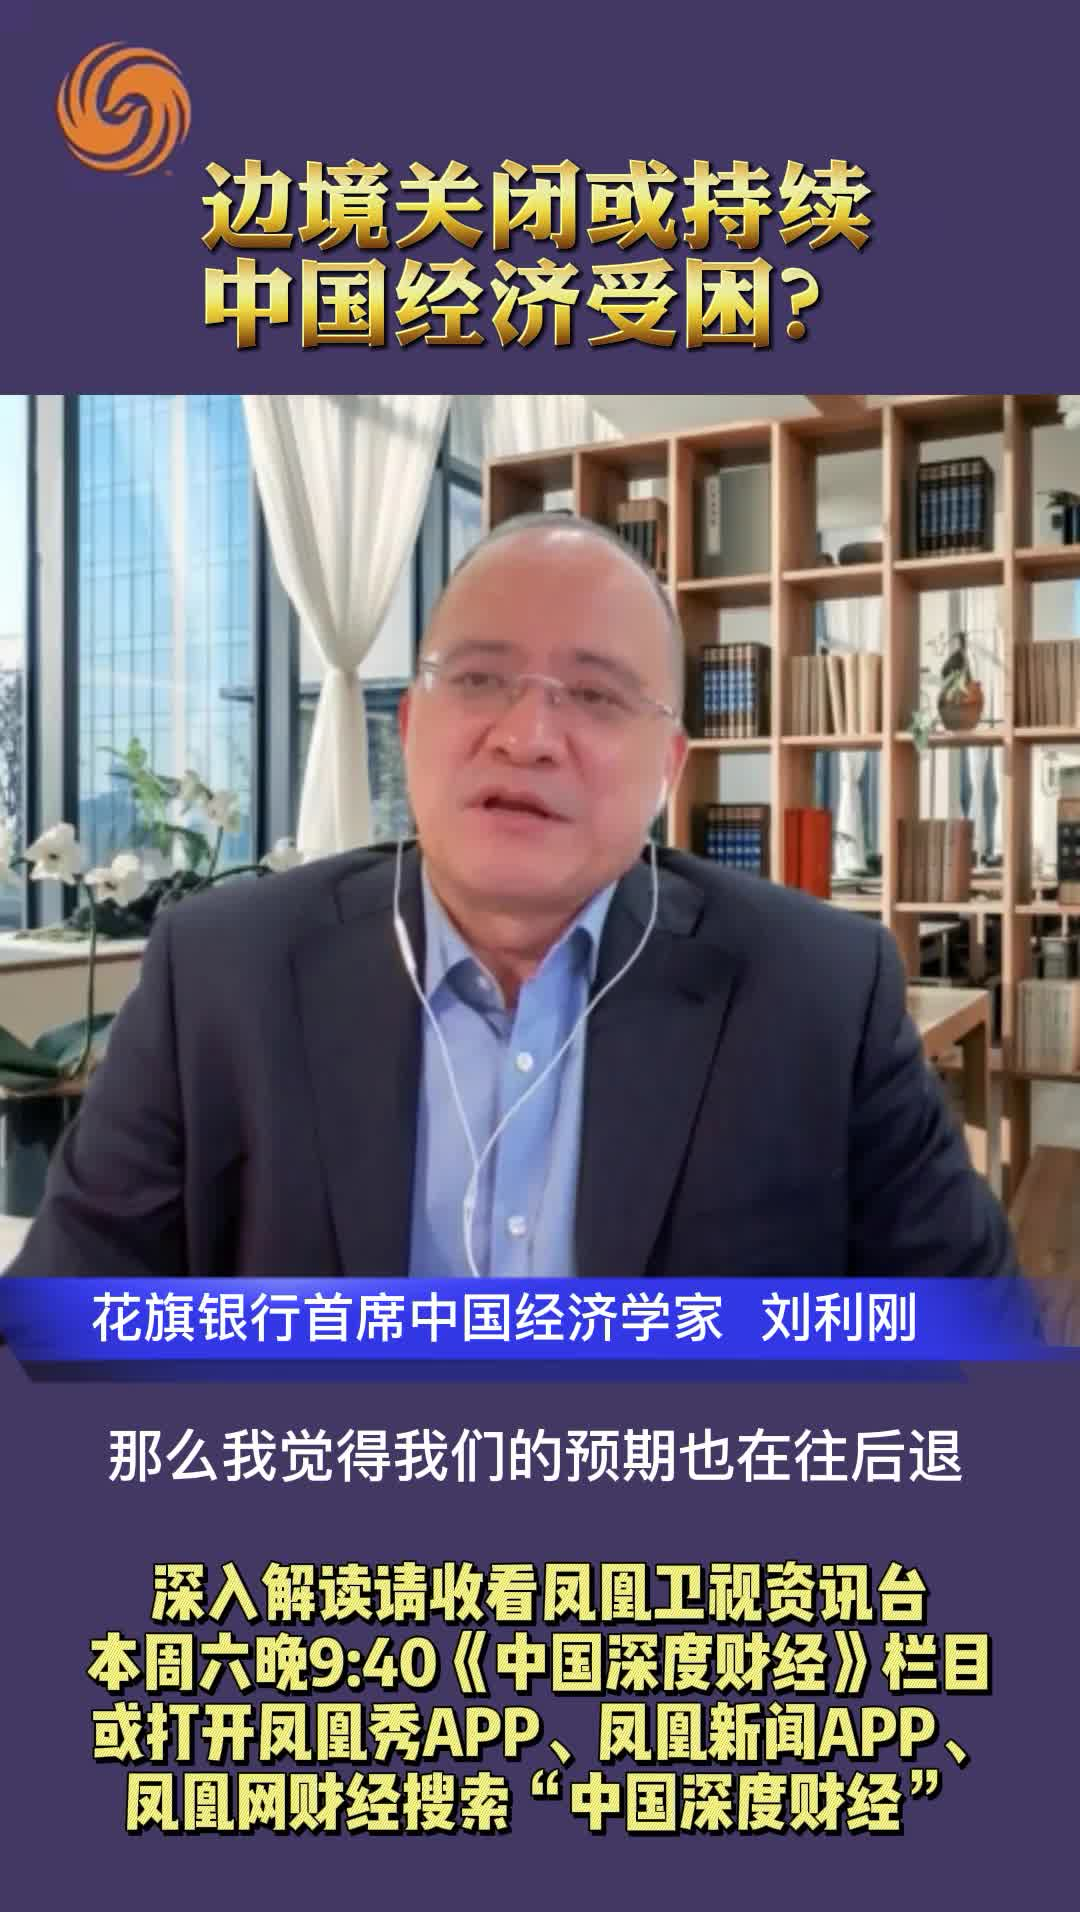 花旗银行首席中国经济学家刘利刚:边境关闭或持续 中国经济受困?